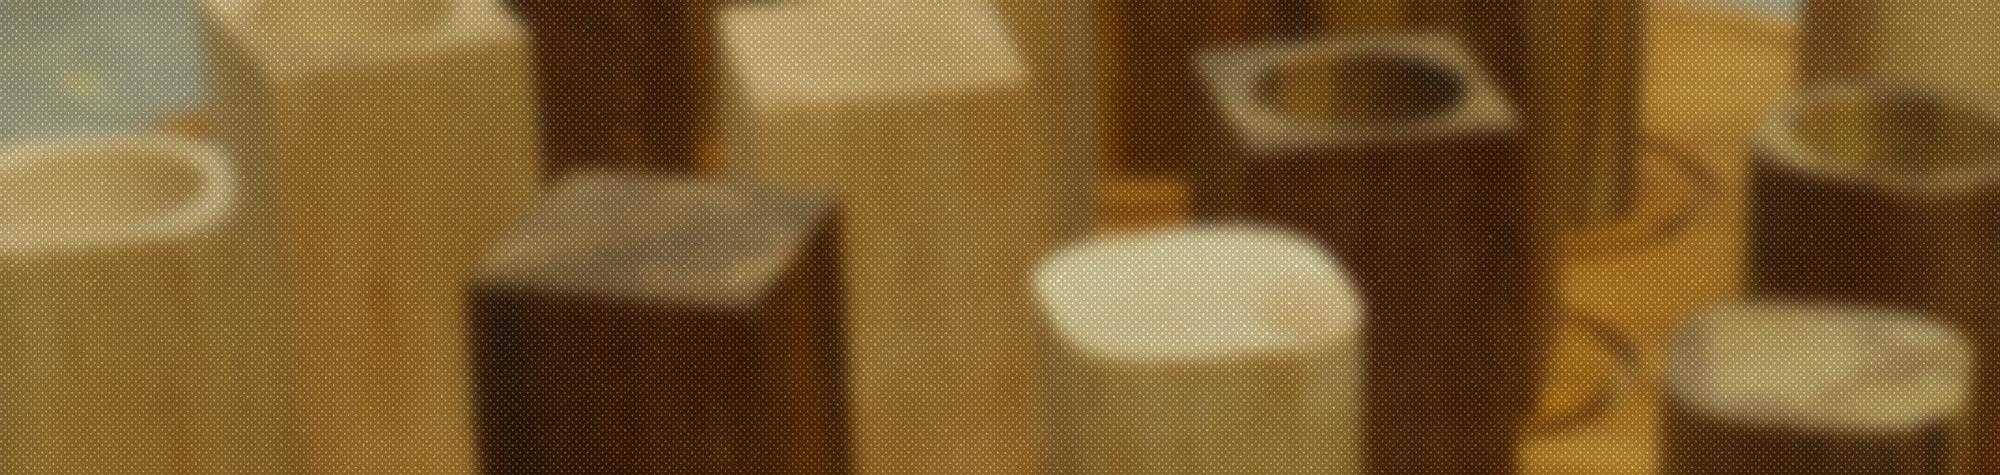 How to make a Quarto tabletop game